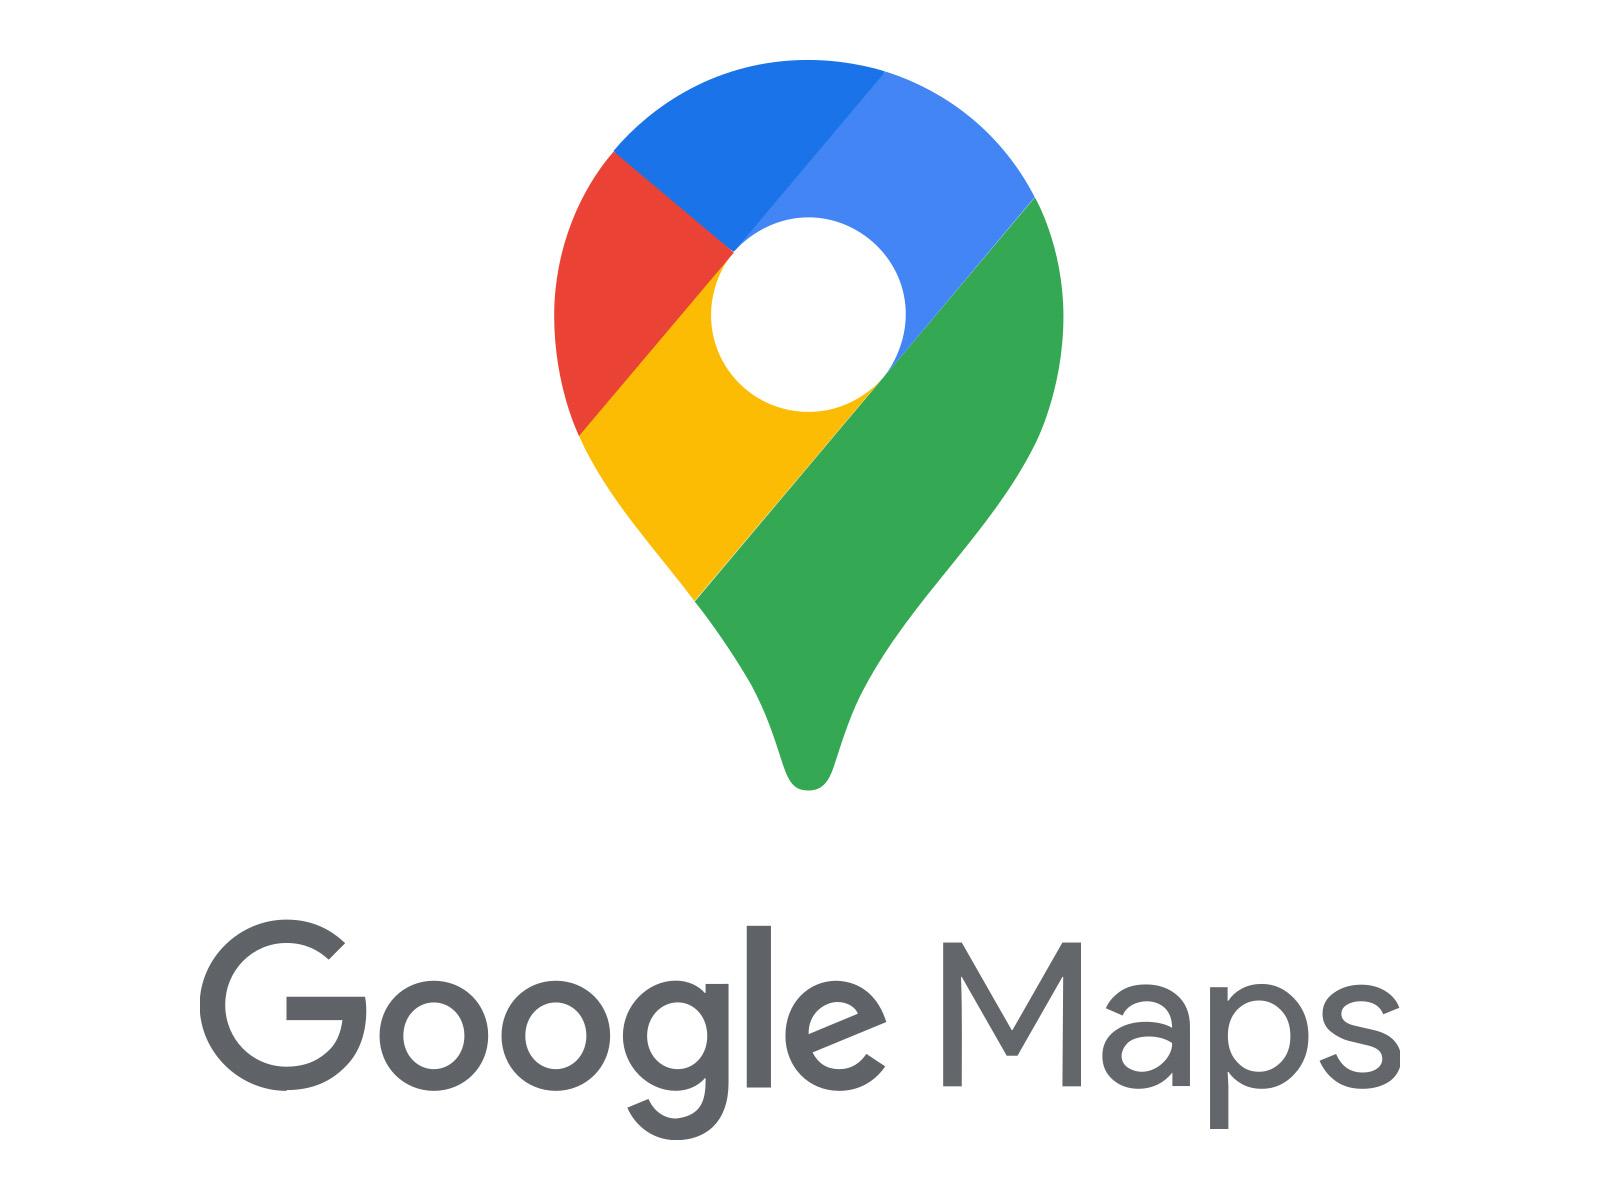 Google Maps теперь выделяет на карте рестораны с возможностью доставки еды  - ITC.ua